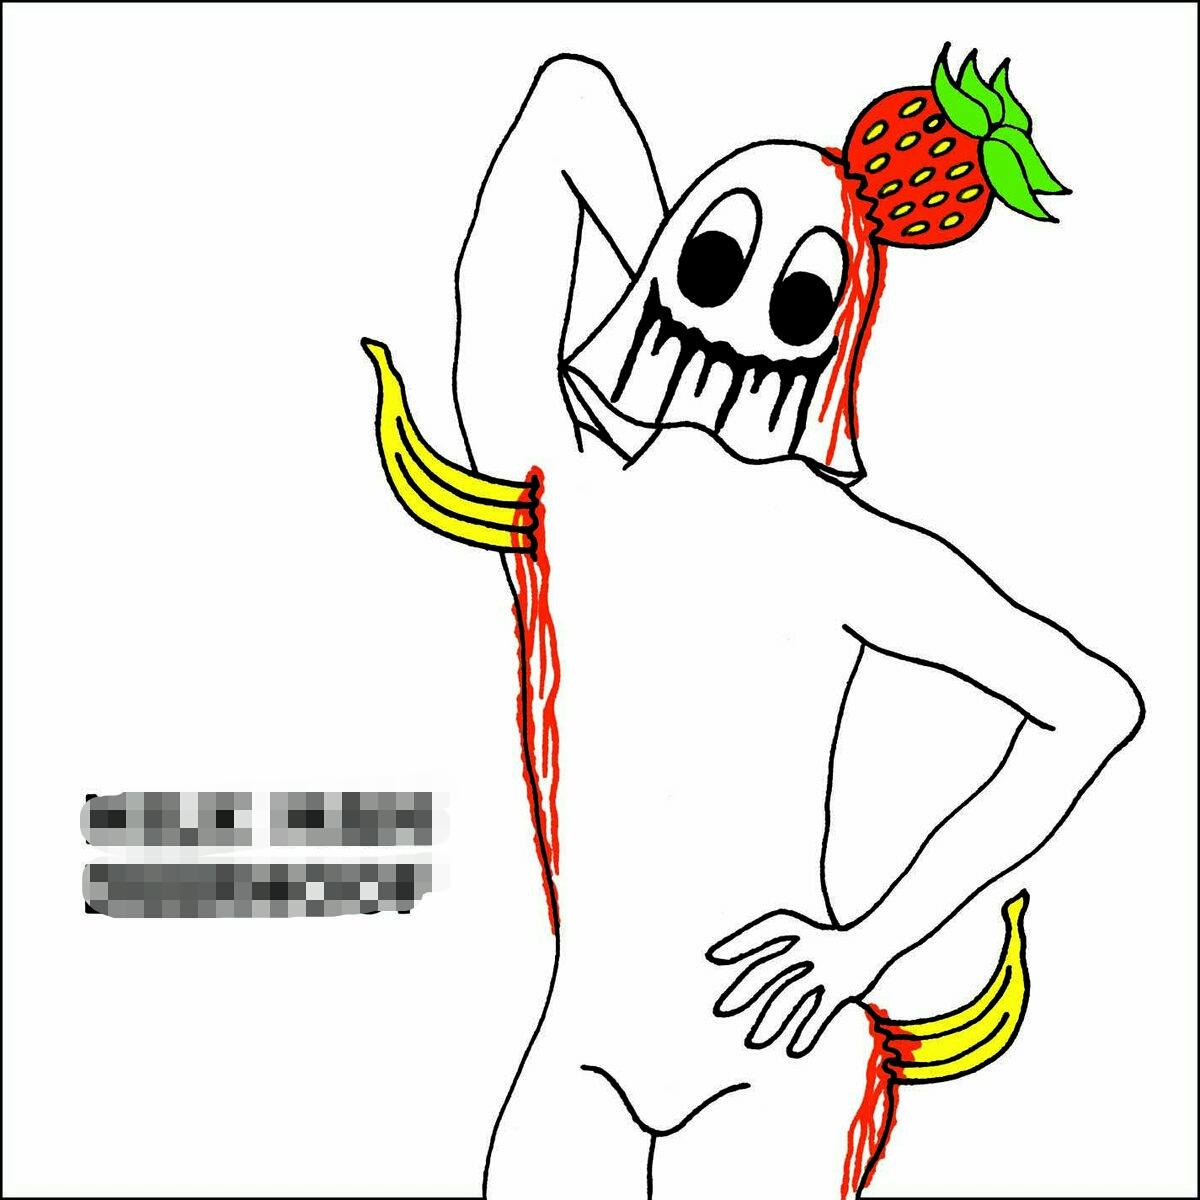 Deerhoof – Milk Man (2004)